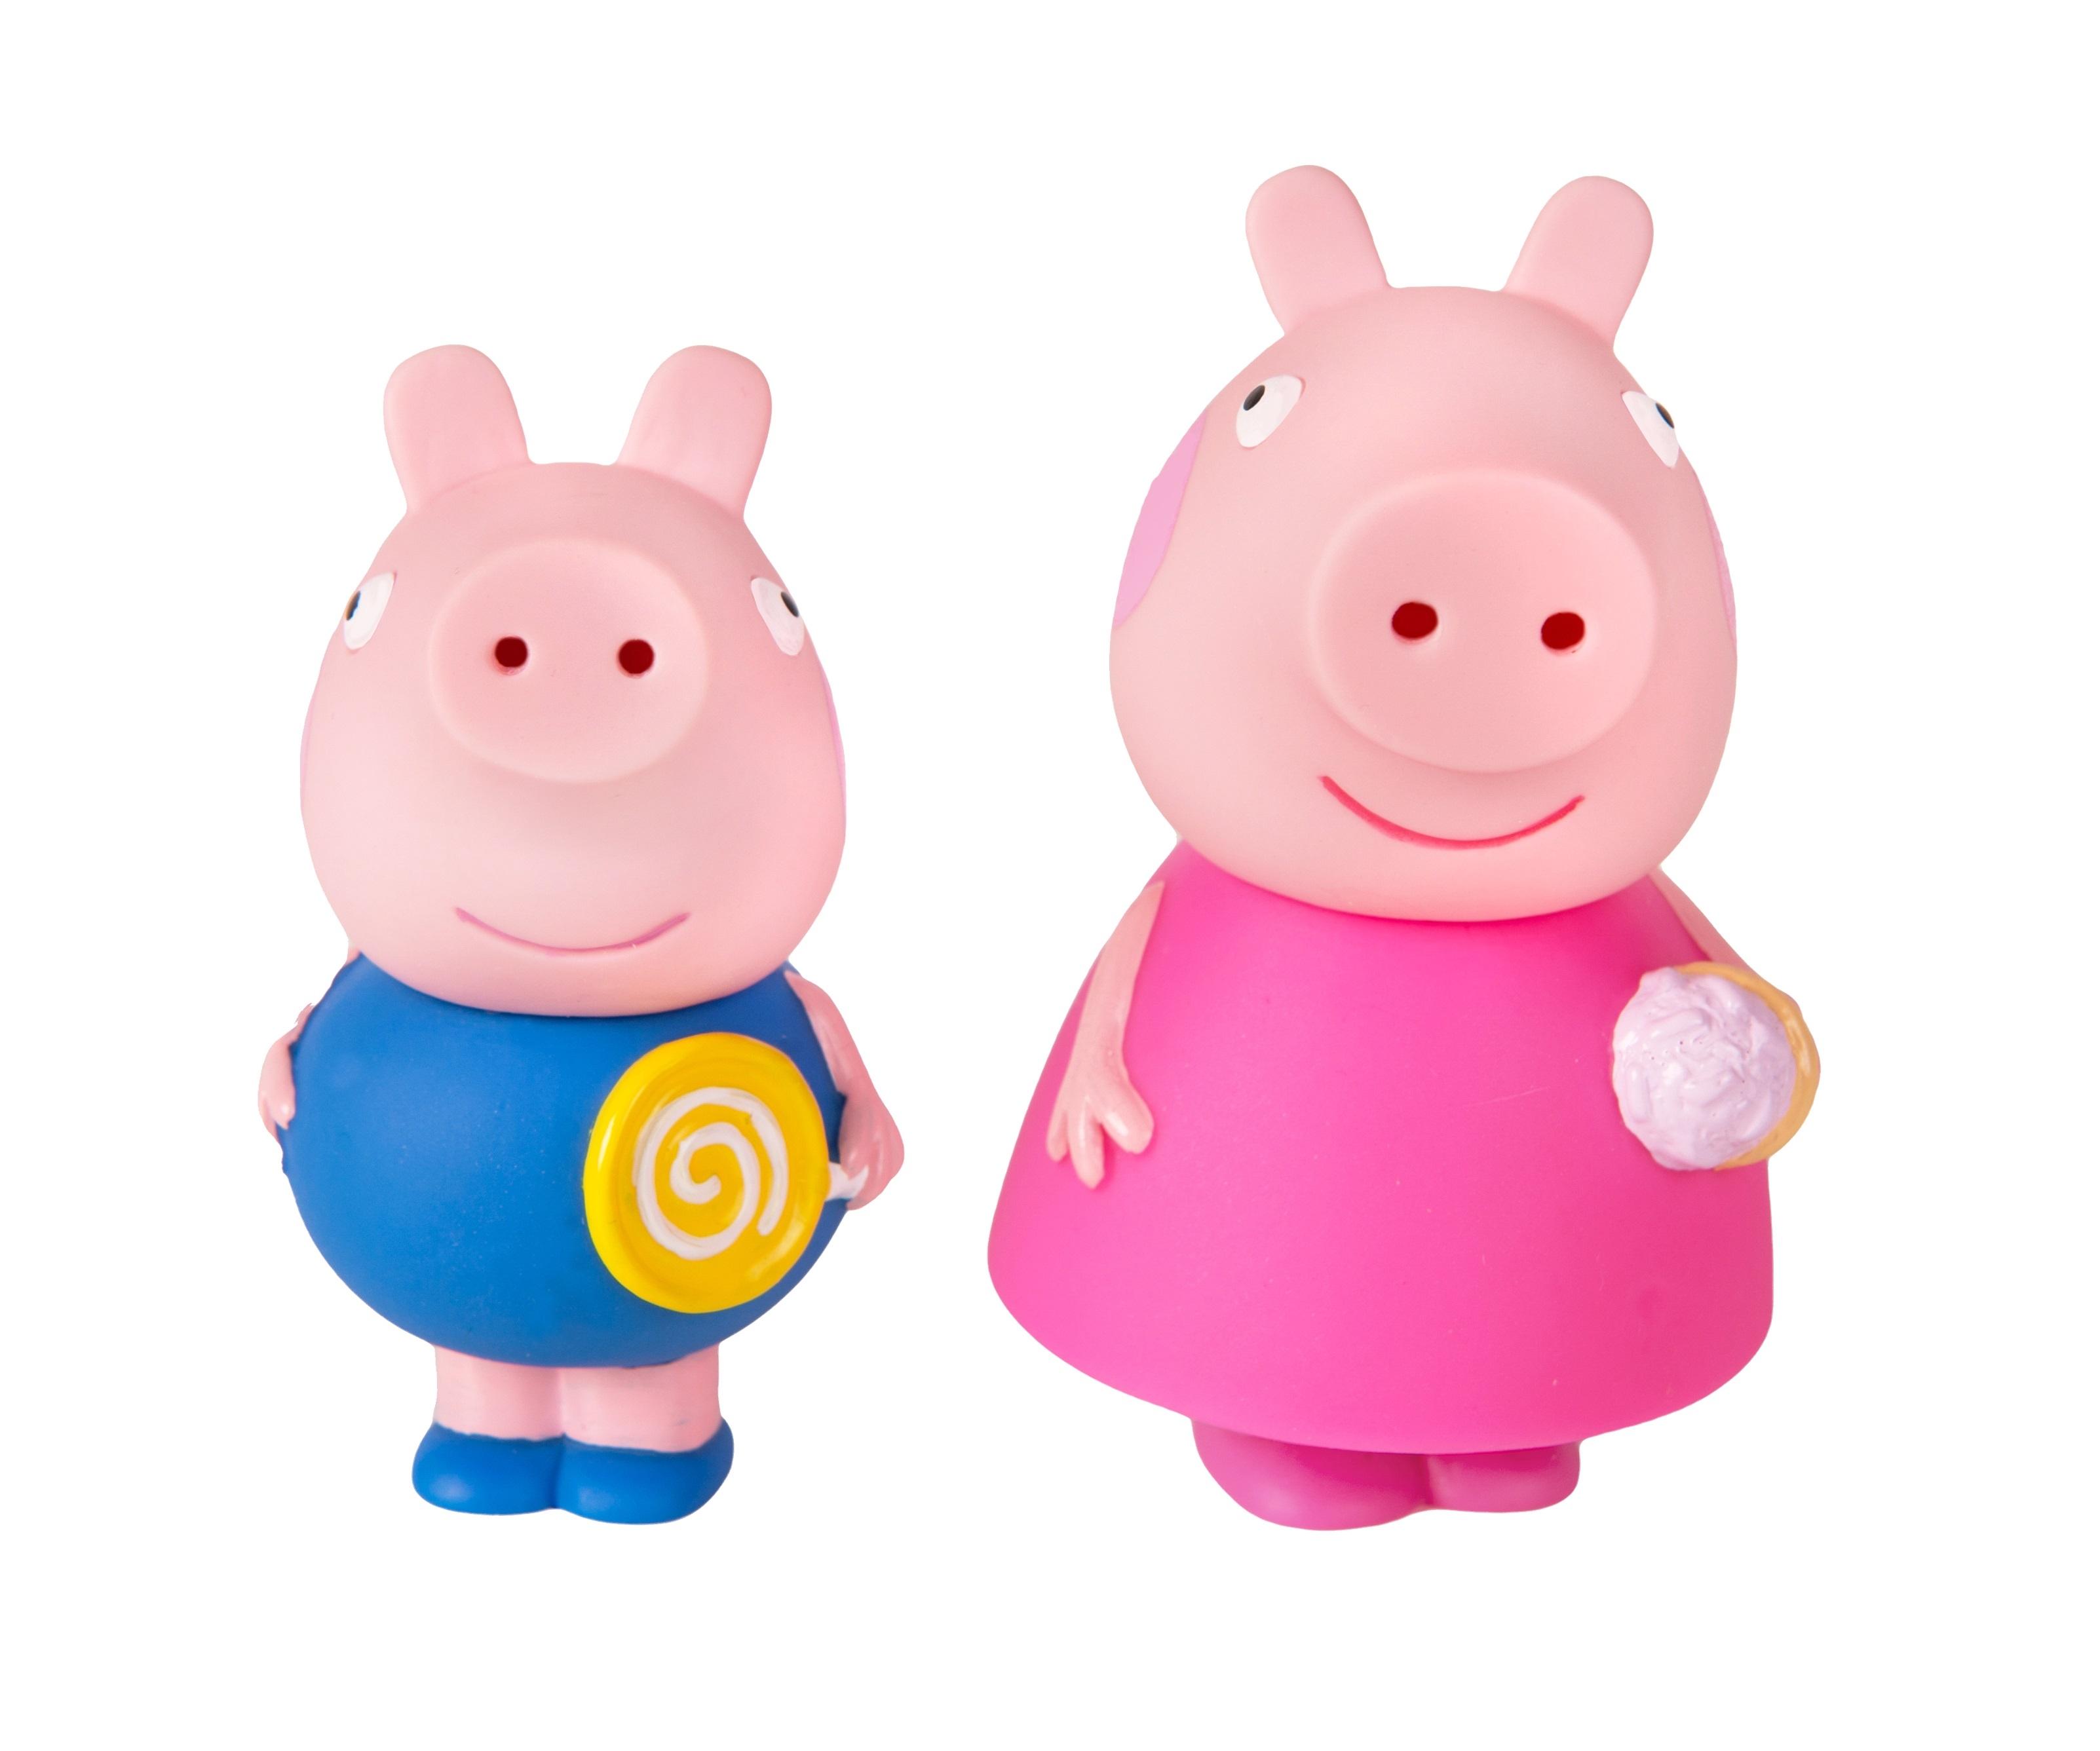 Купить Игрушки для ванной, Пеппа и Джордж, Peppa Pig, Китай, пластизоль